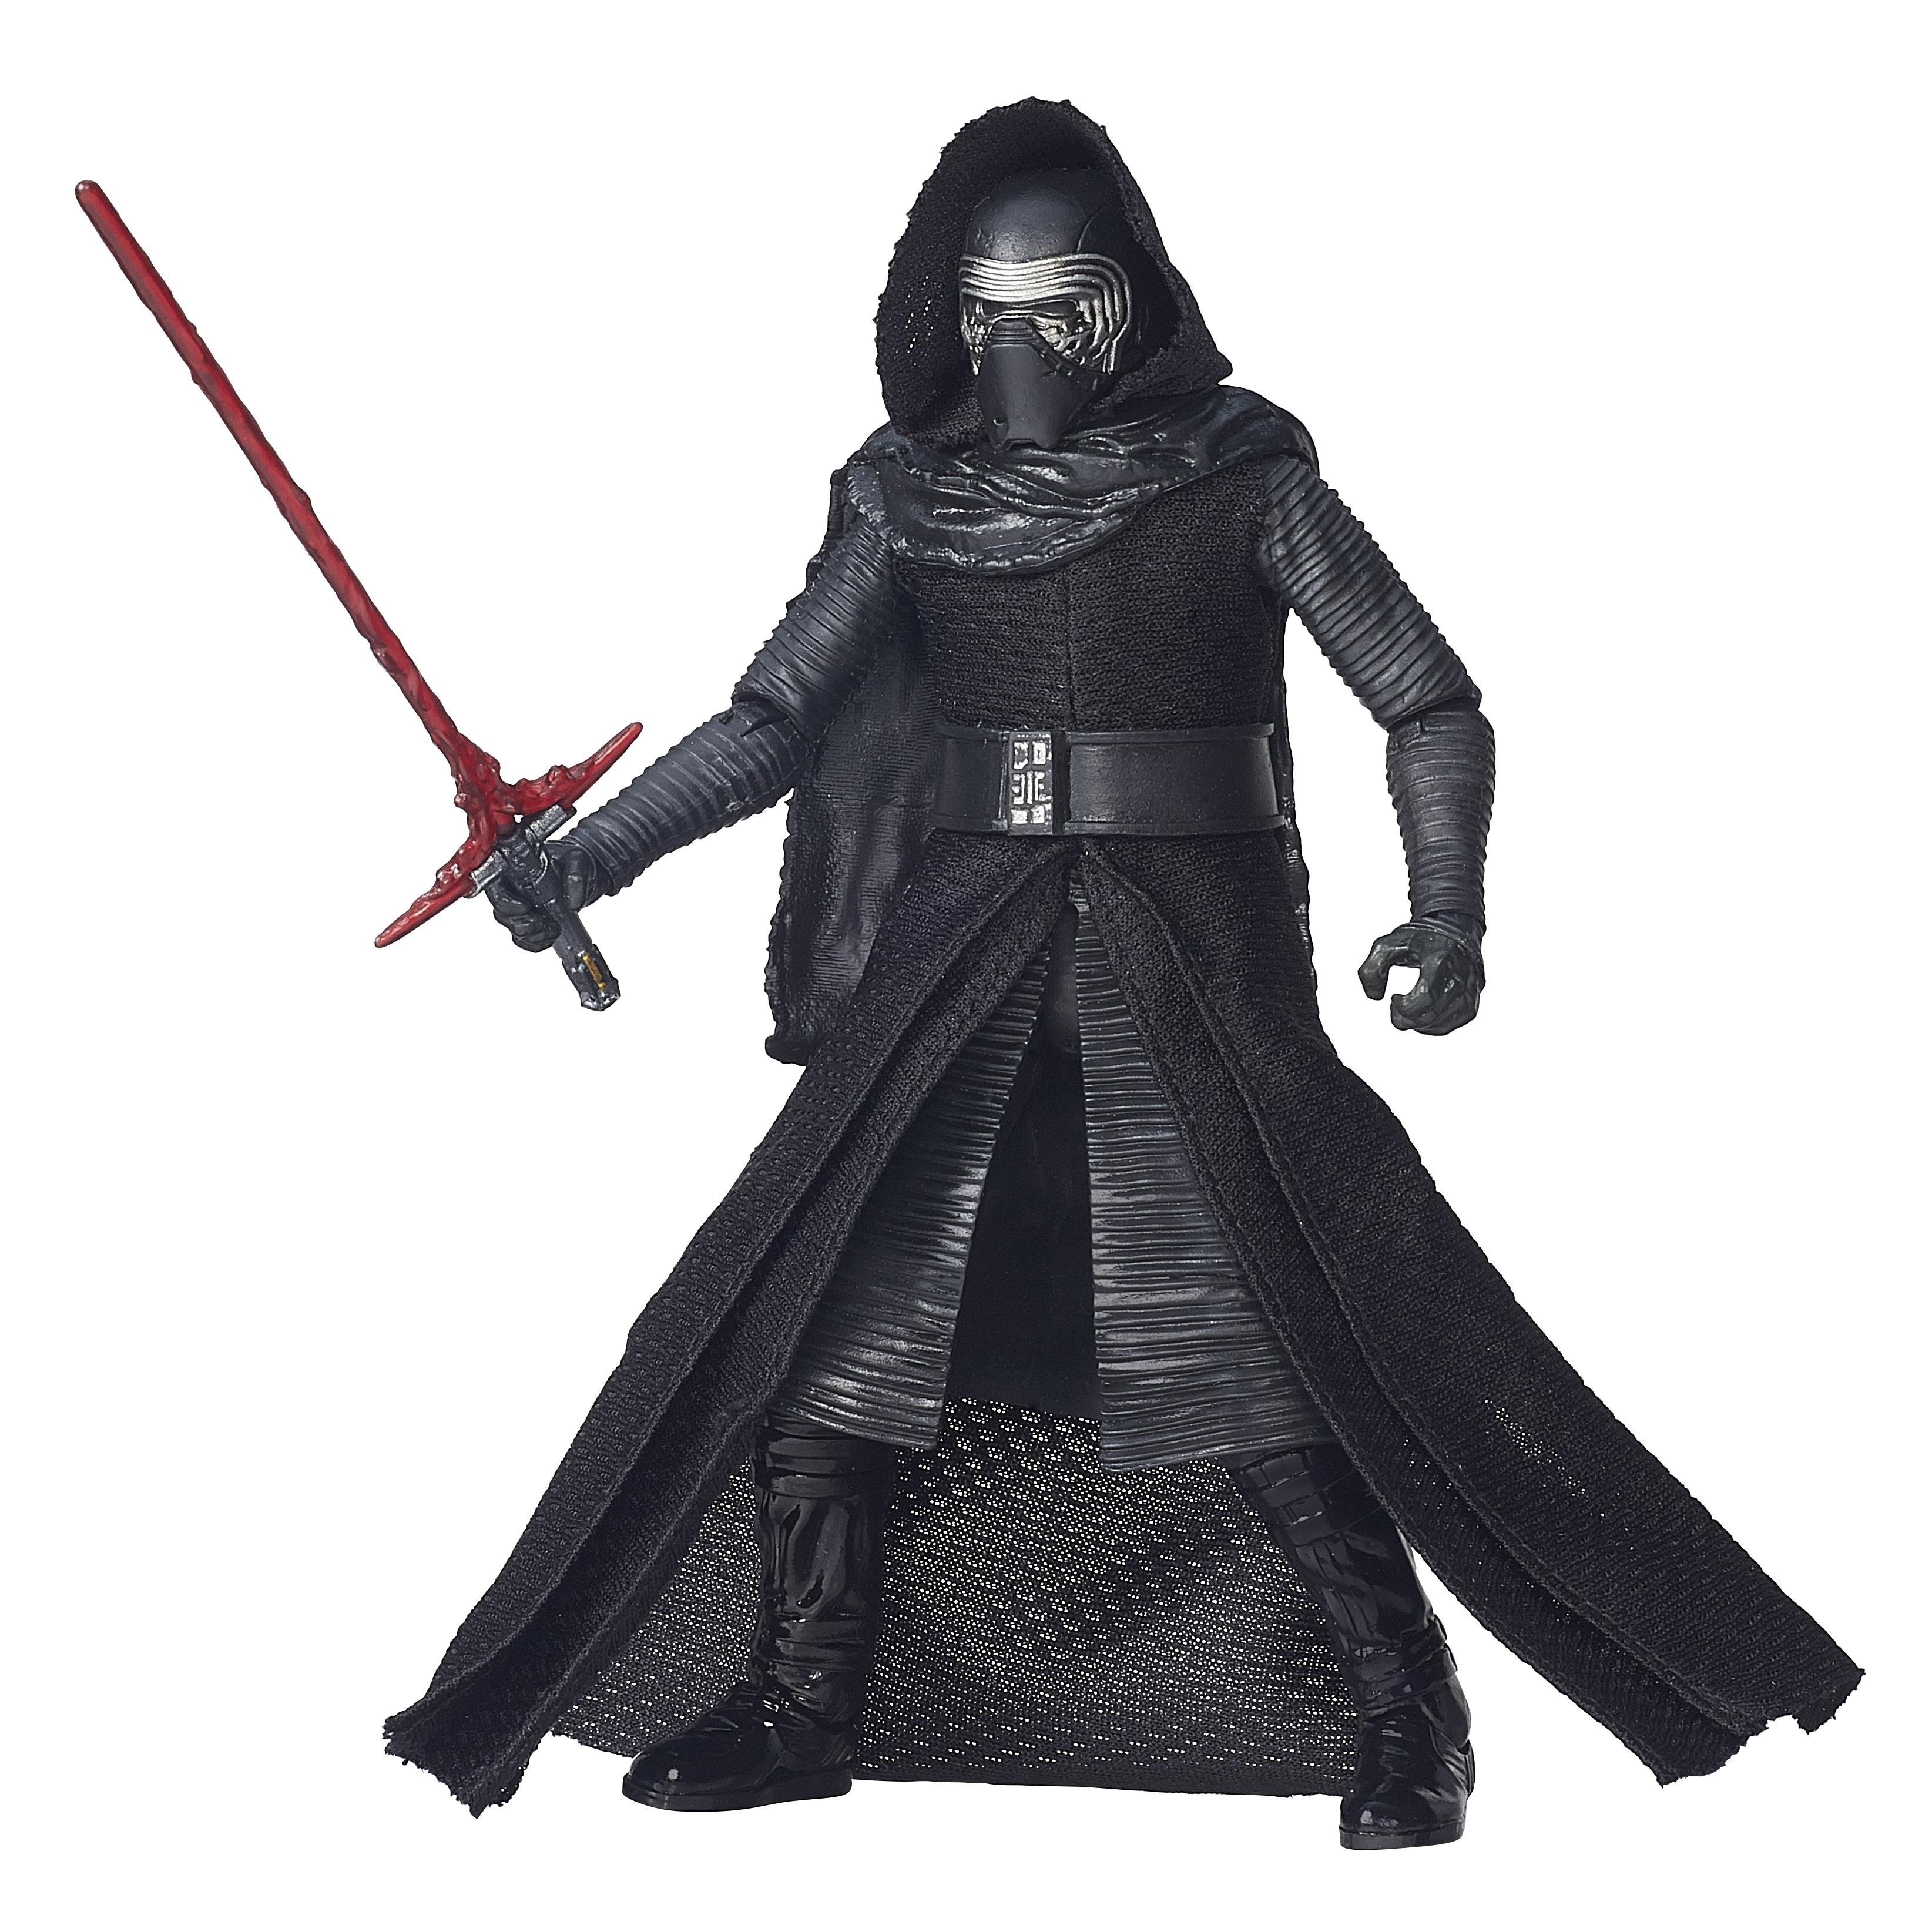 <b>Star Wars <i>Black Series</i></b>; Kylo Ren